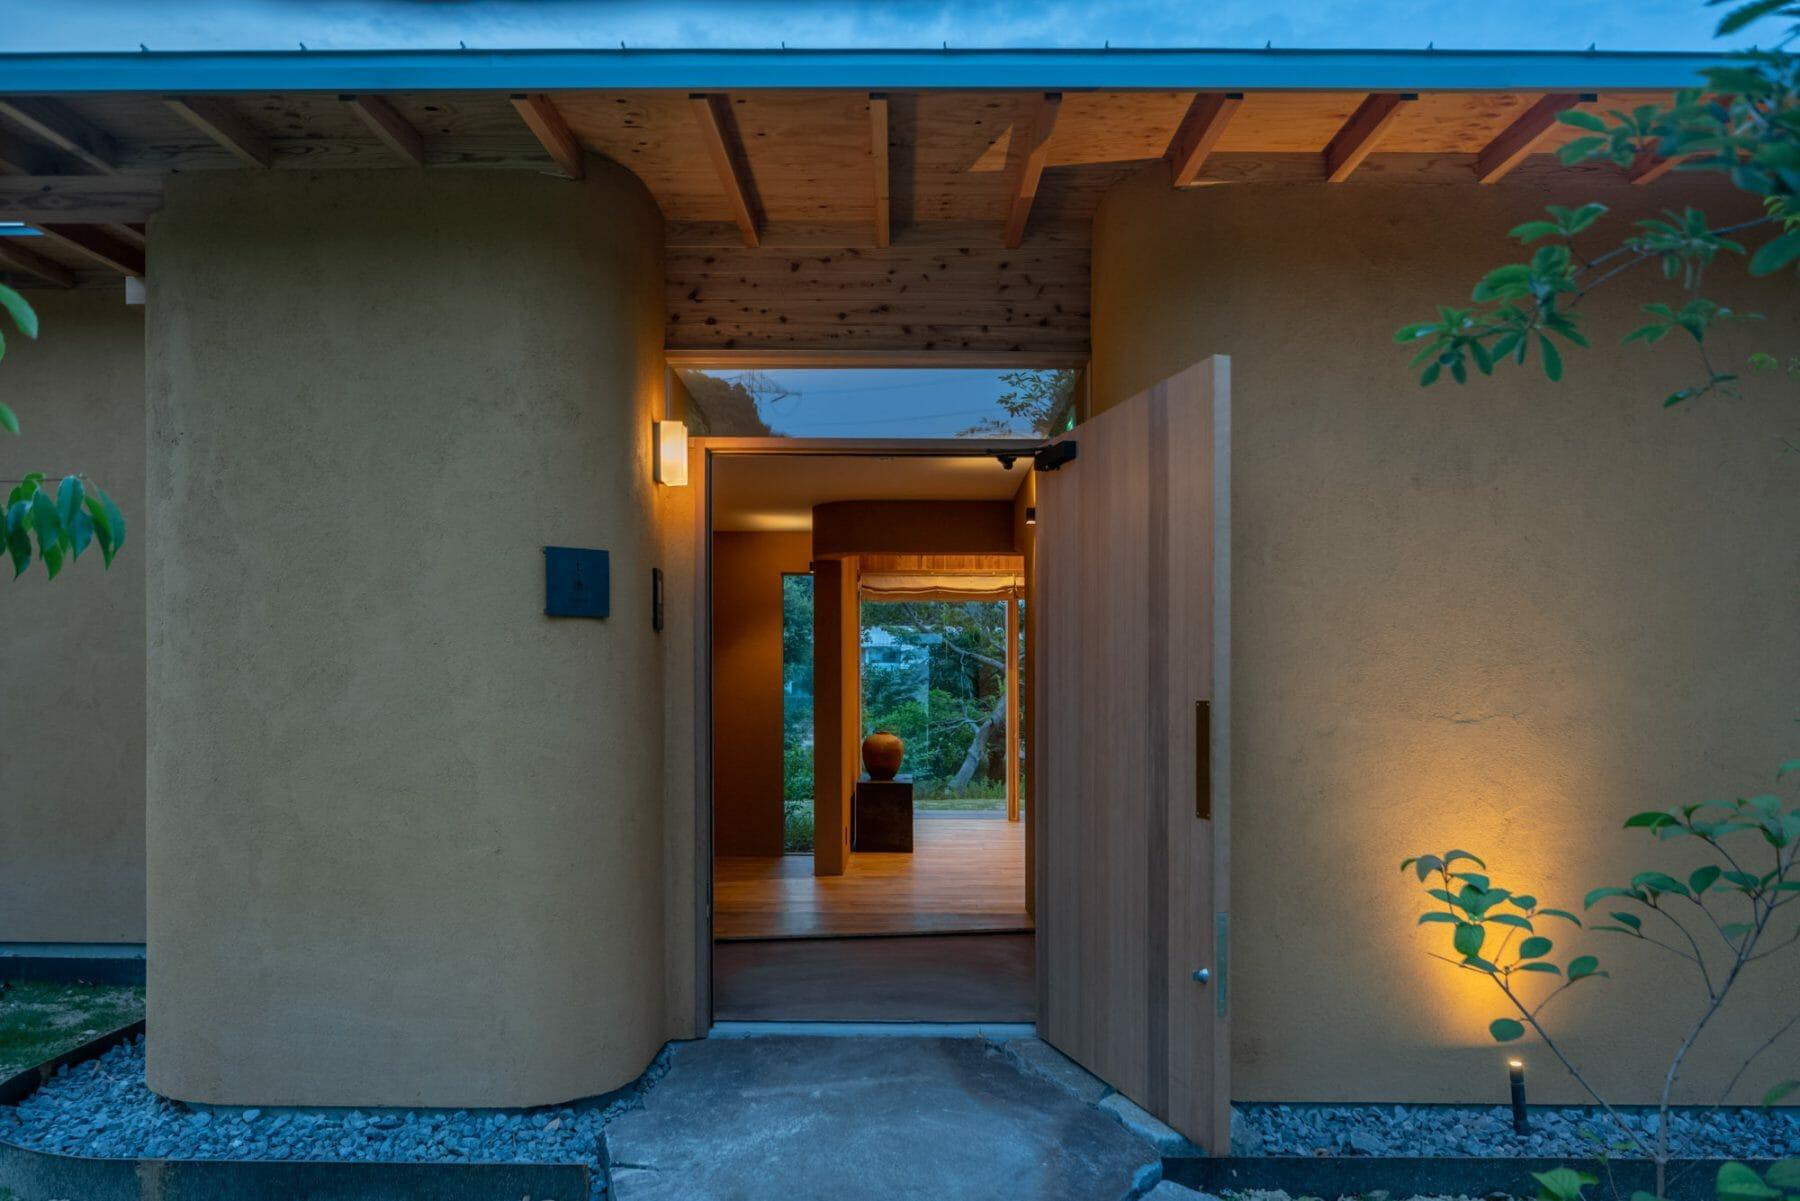 土逢(どおう)/千宗屋氏監修による土の棟。茶室を備える。